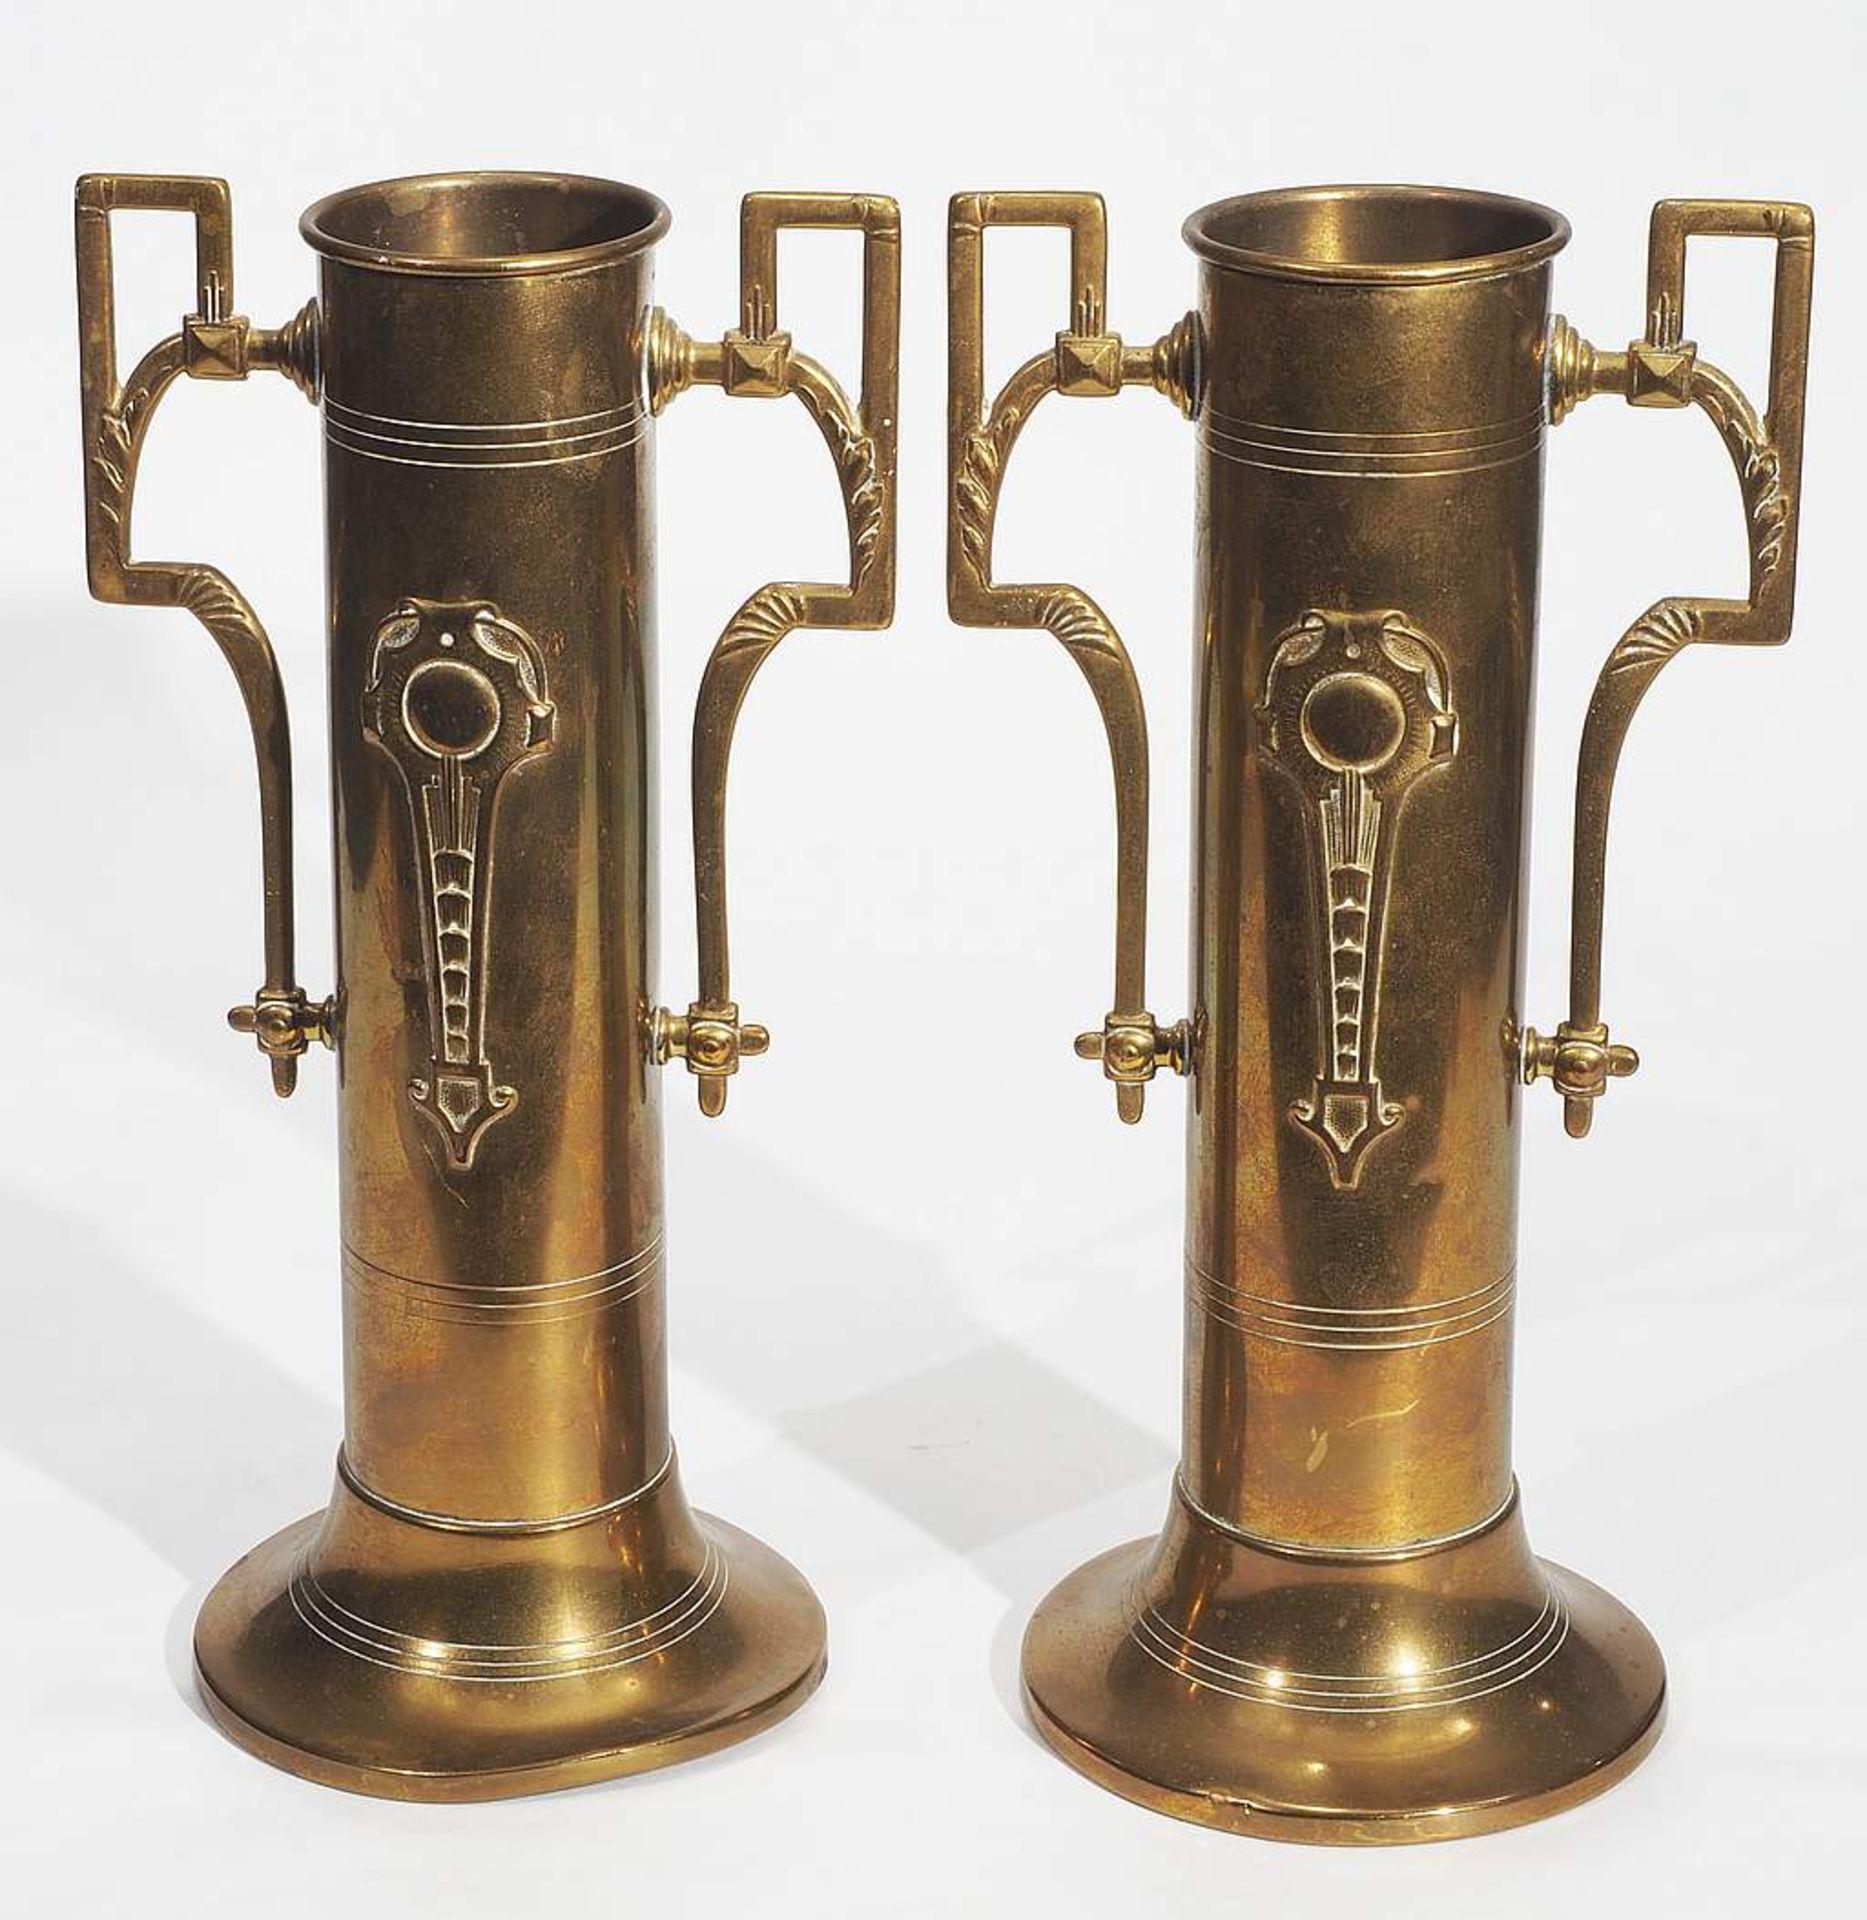 Vierteiliges Messing-Konvolut: Kerzenleuchter, Paar Vasen, oval/runde Schale. 20. Jahrhundert. - Image 3 of 7